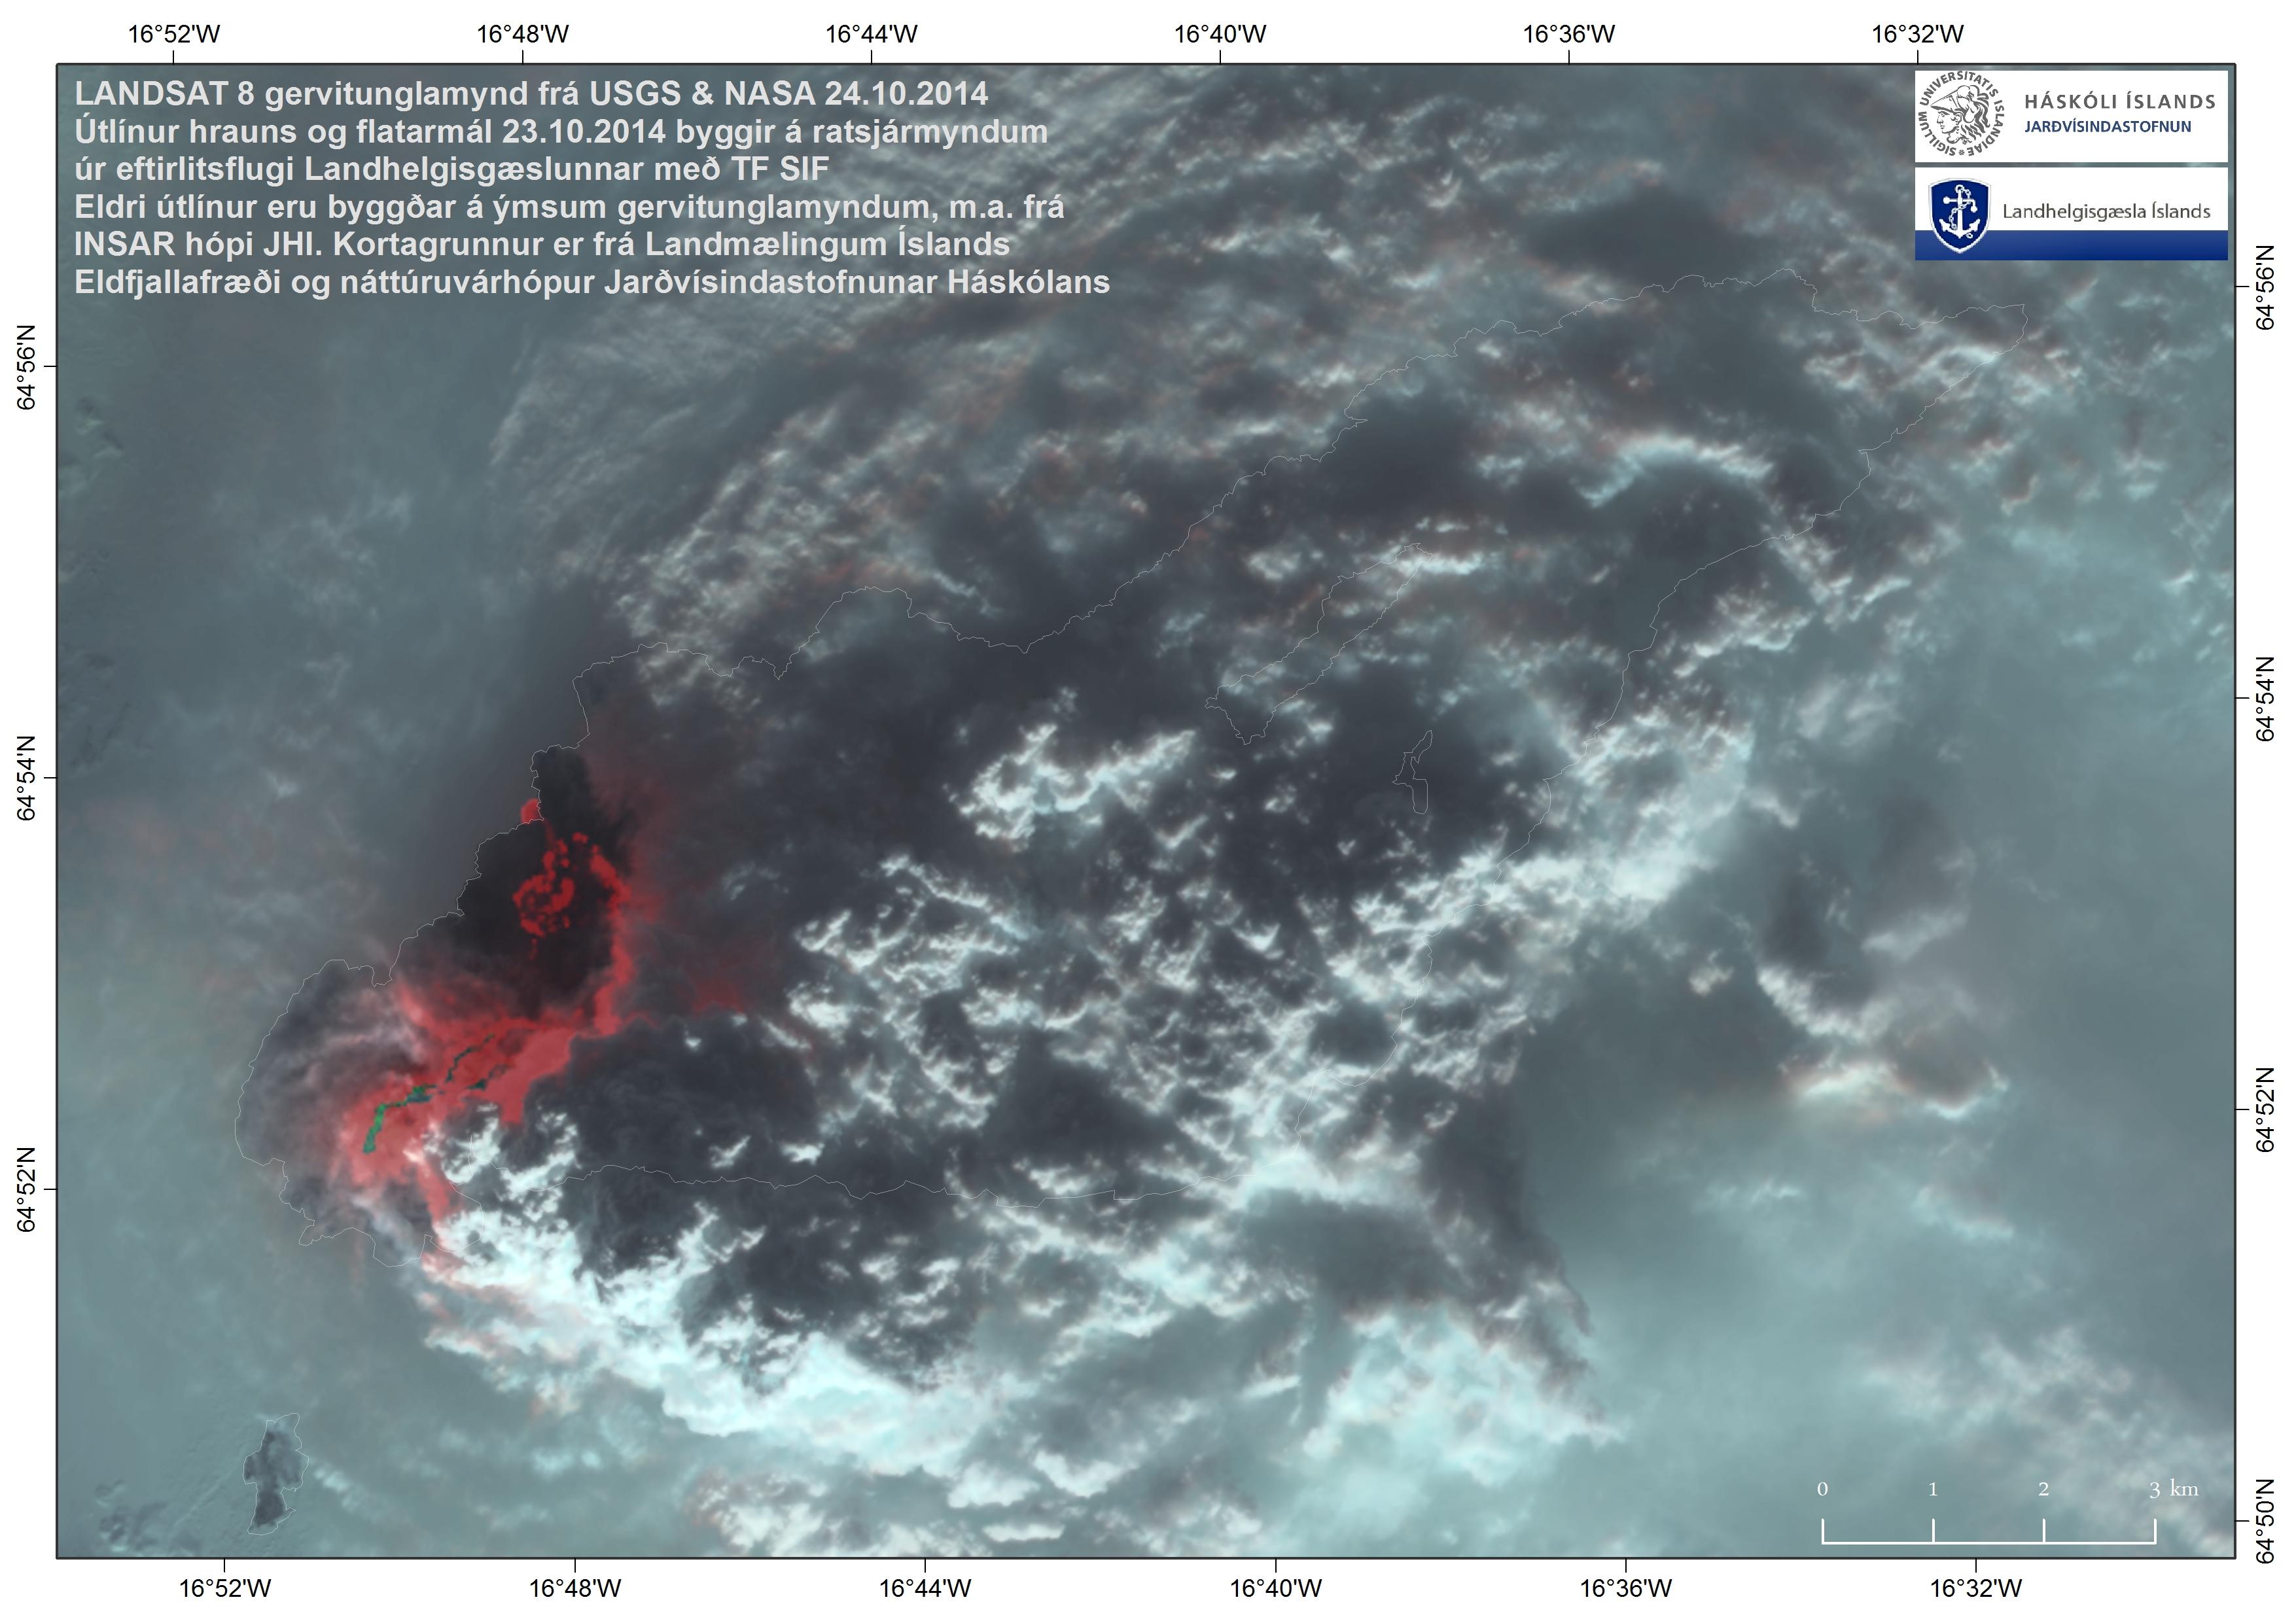 Landsat_20141024